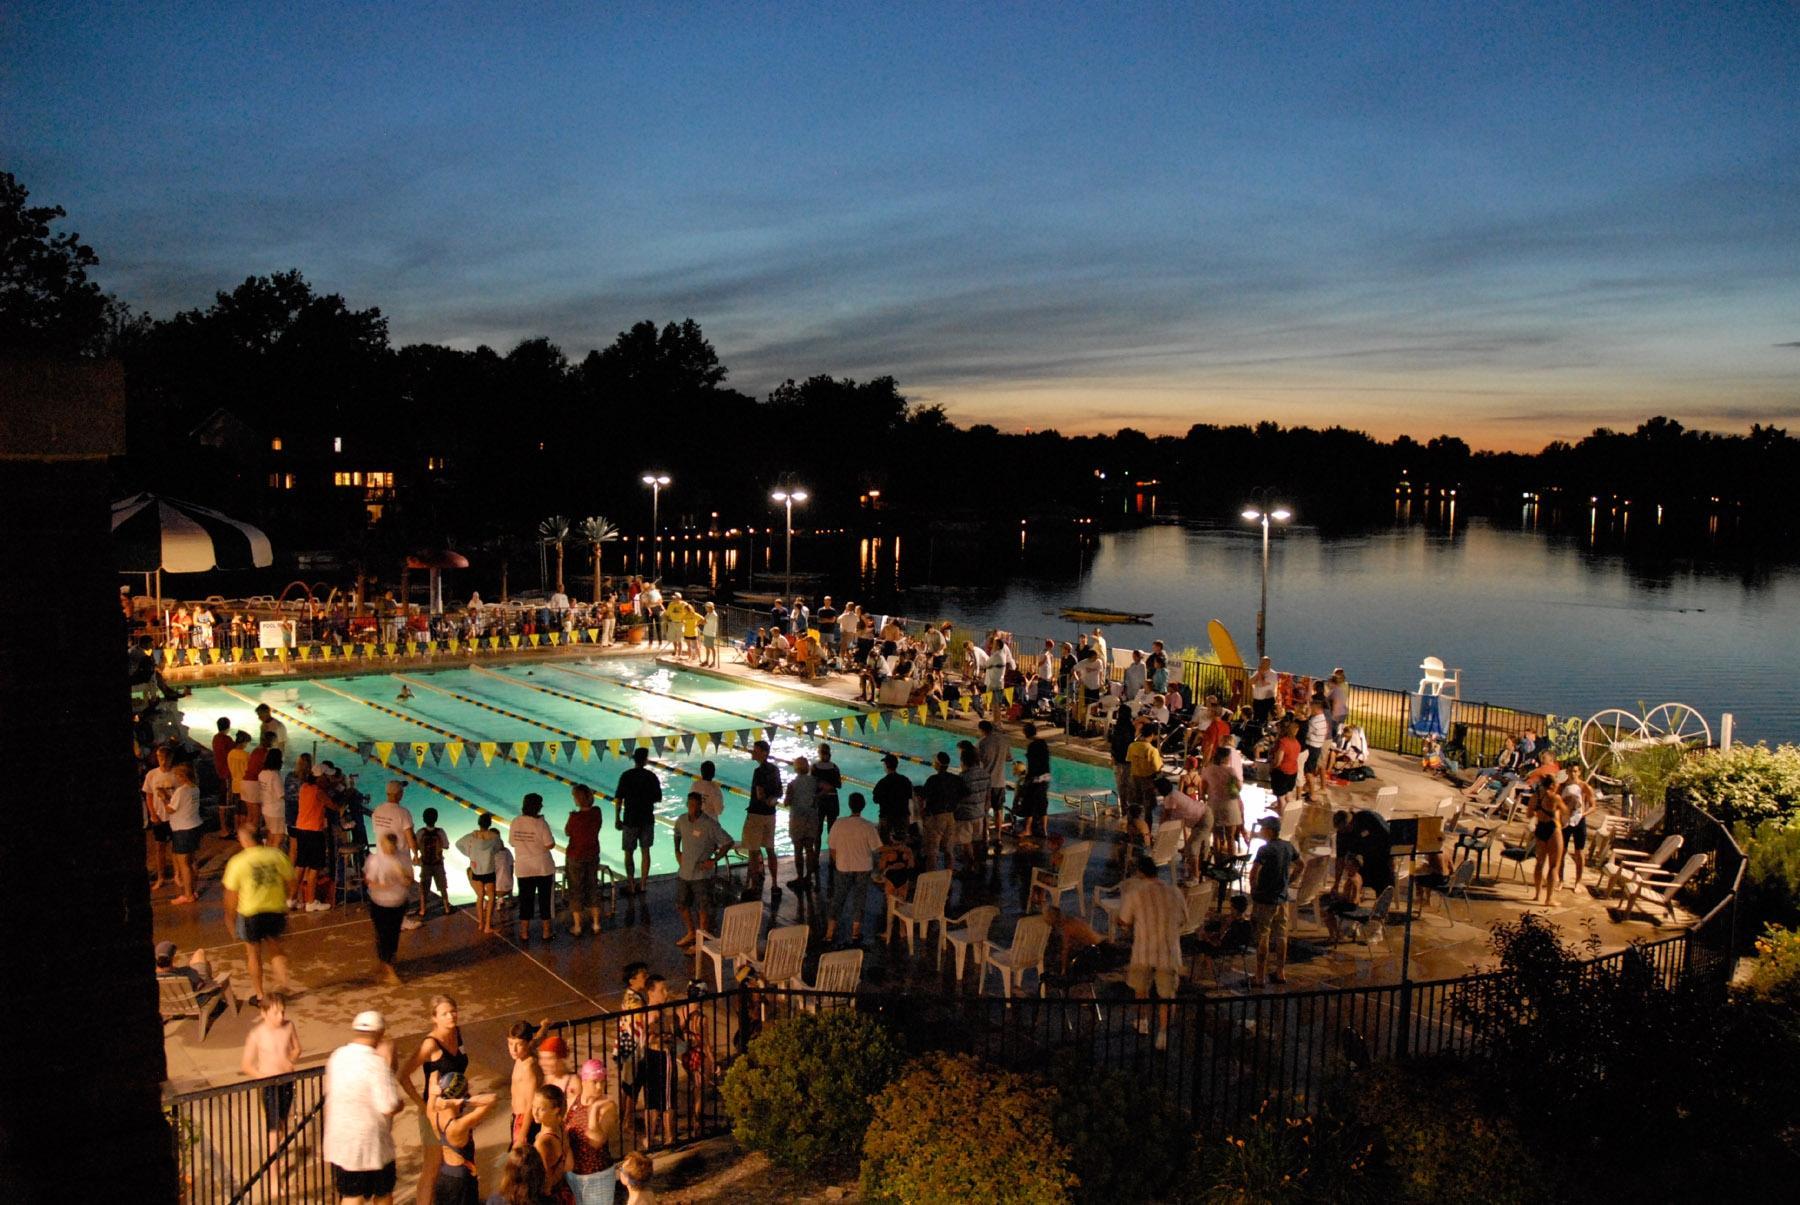 swim meet.jpg2.jpg -